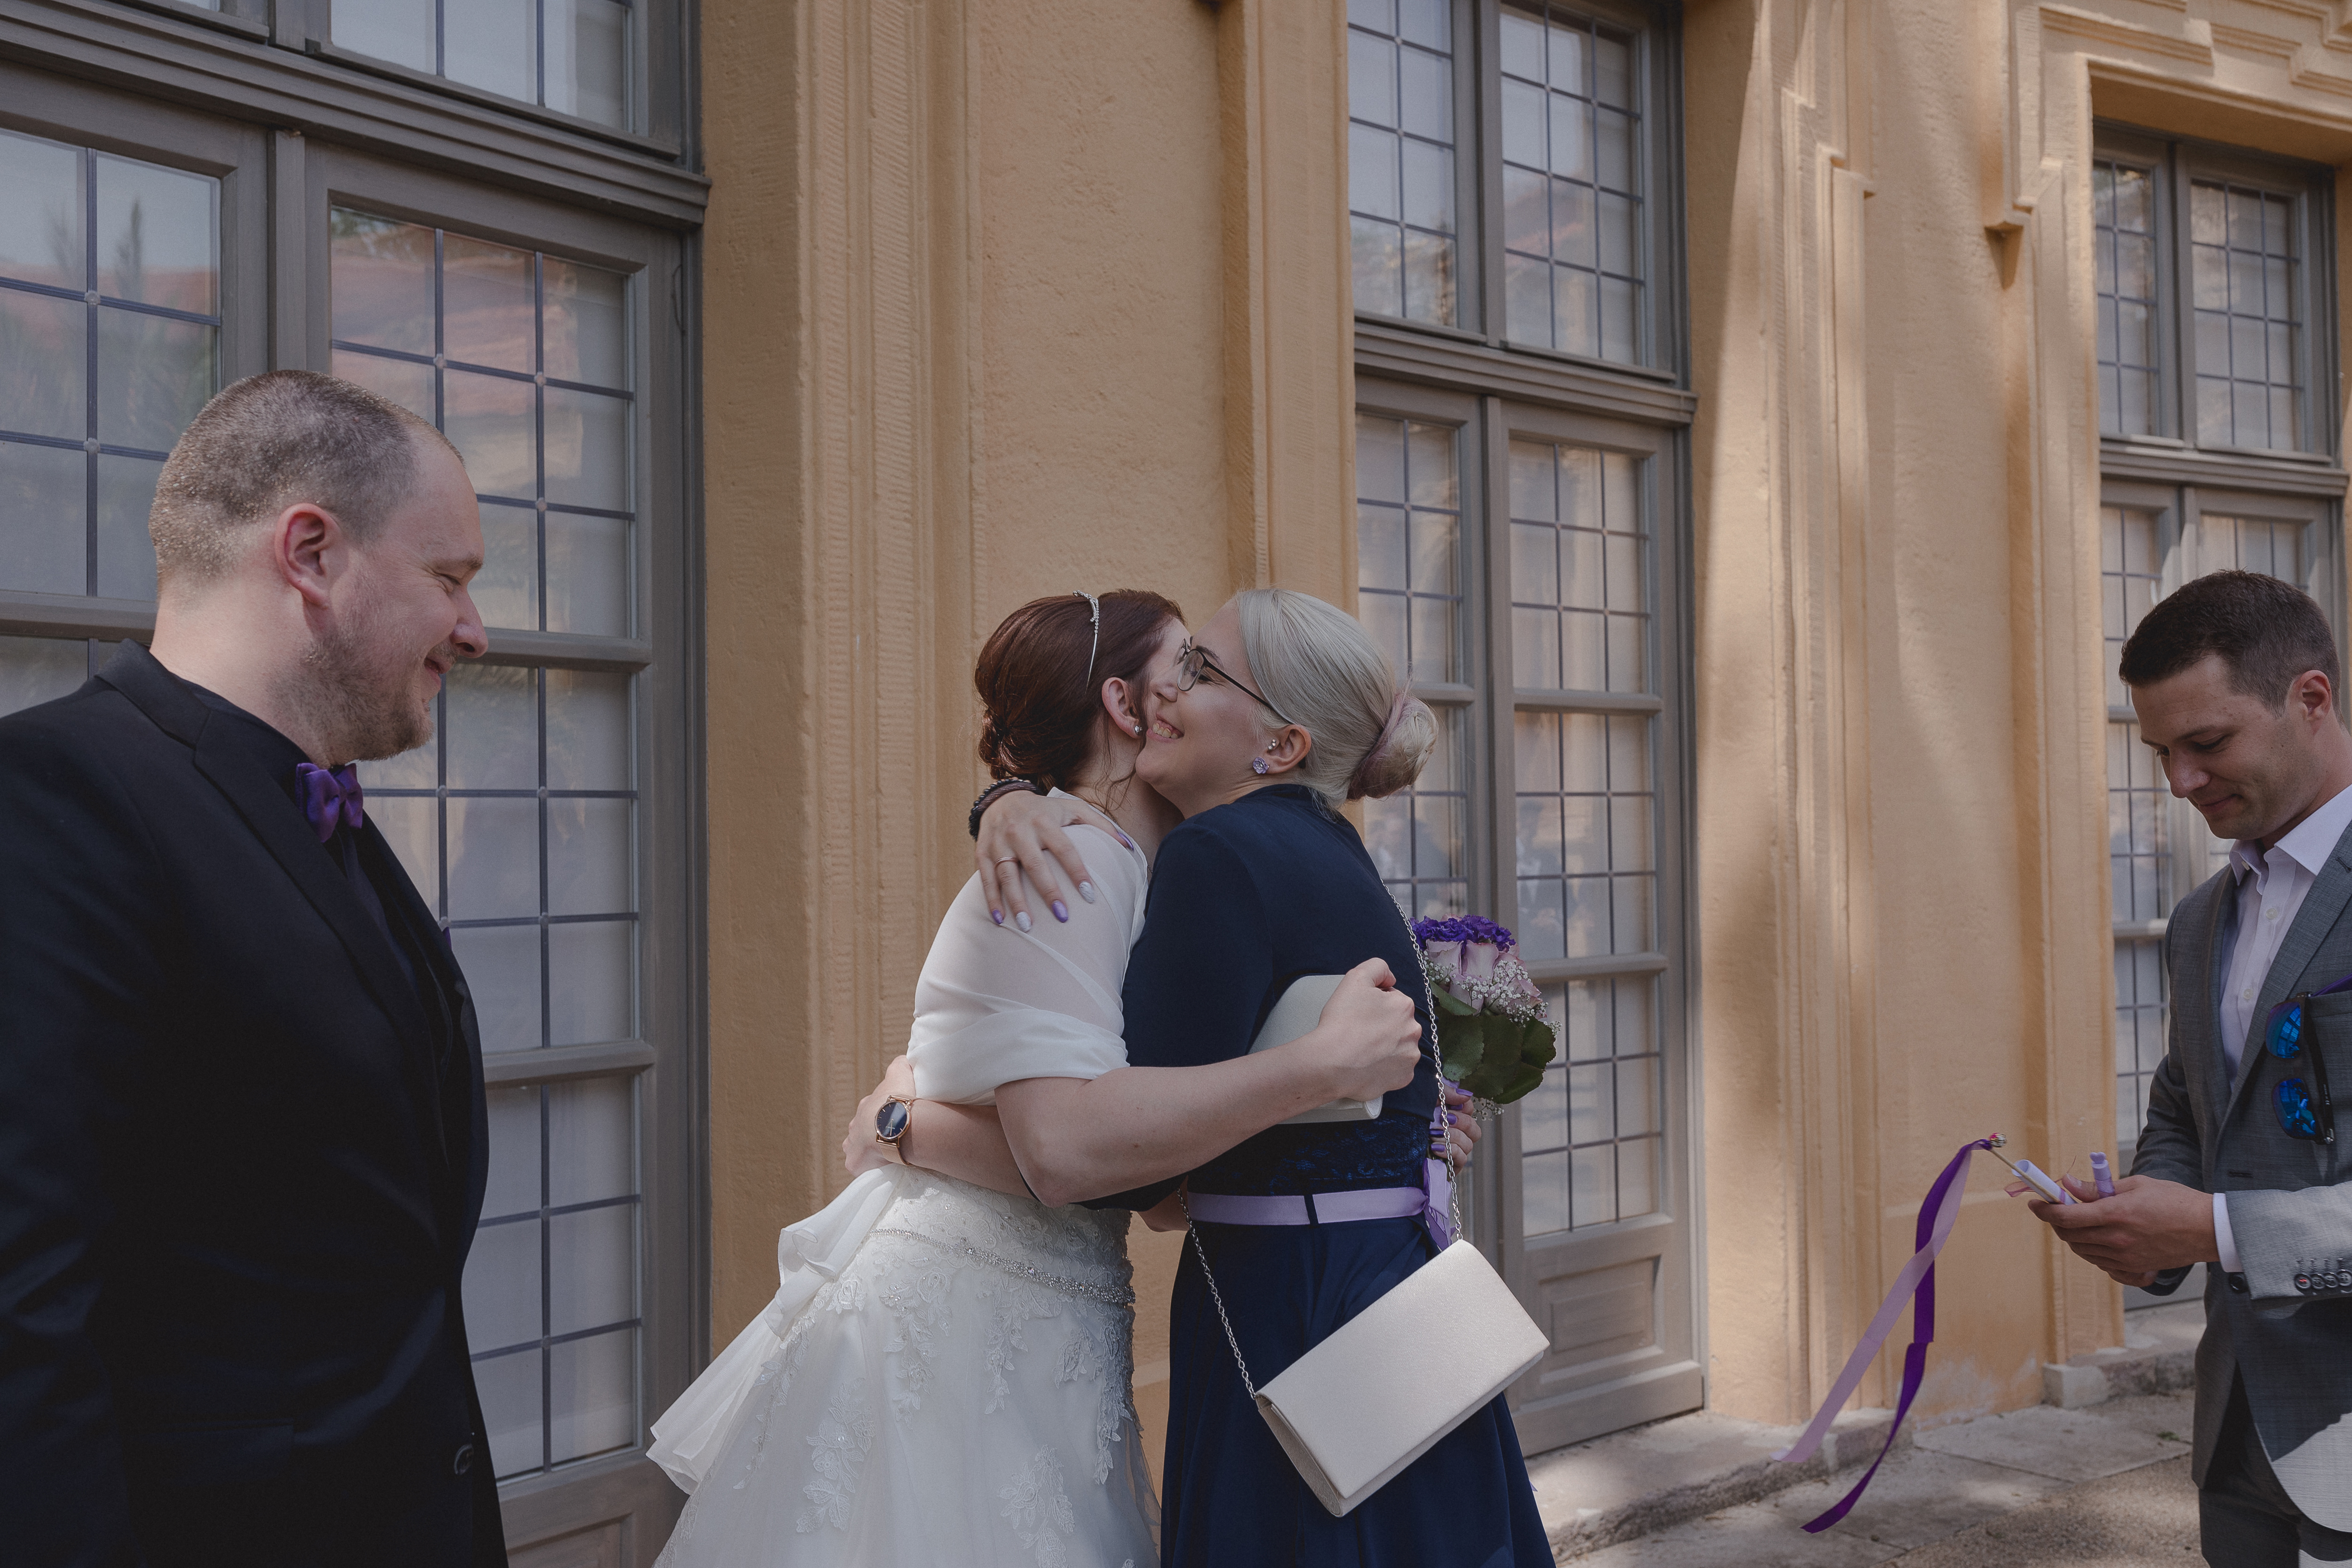 URBANERIE_Daniela_Goth_Vintage_Hochzeitsfotografin_Nuernberg_Fuerth_Erlangen_180519_0418